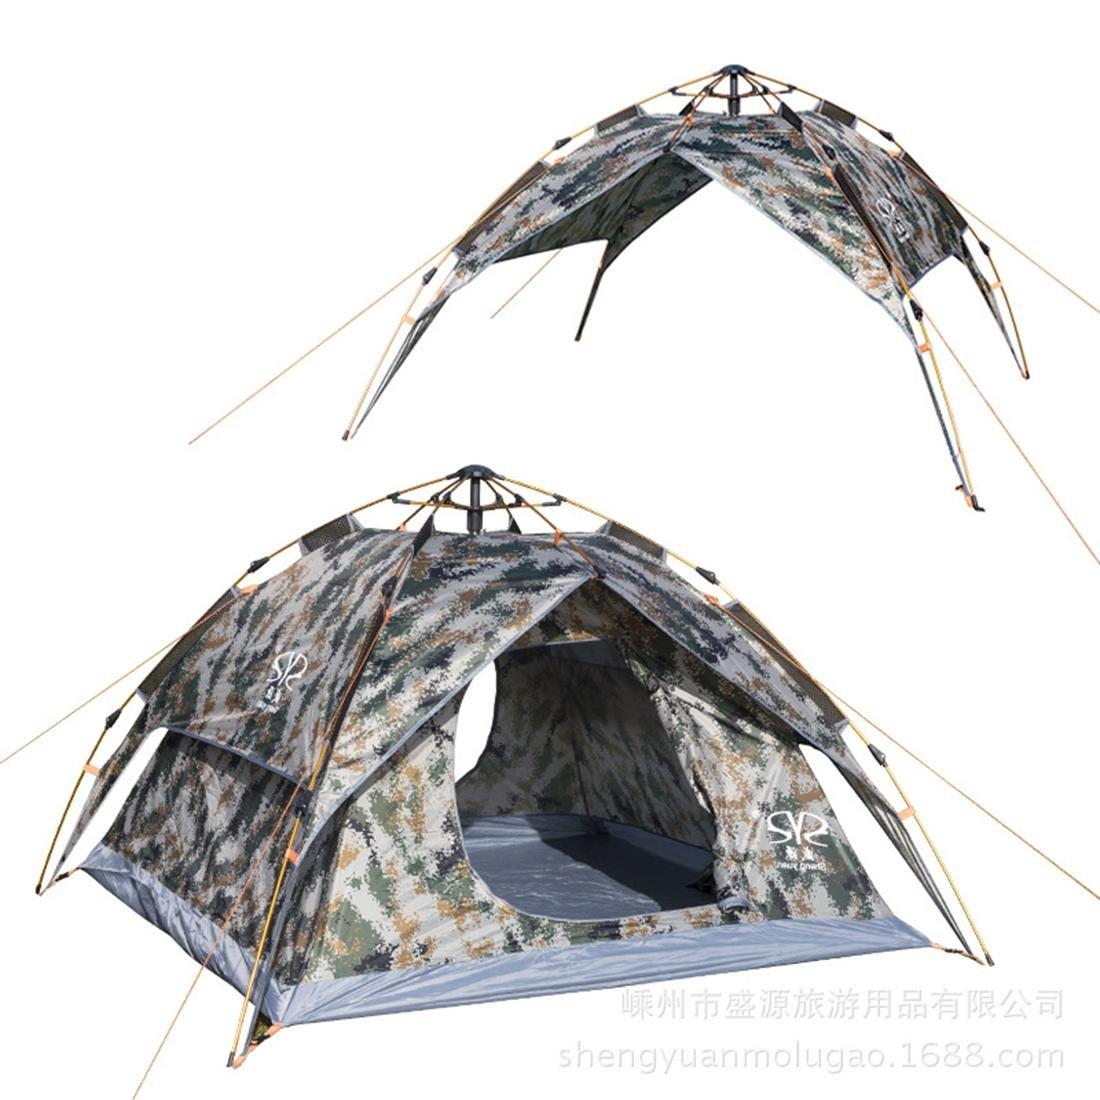 NIHE tente de tente de camouflage voyage escalade en plein air portable tente de camping de moustiques automatique de pluie peut accueillir 3-4 personnes